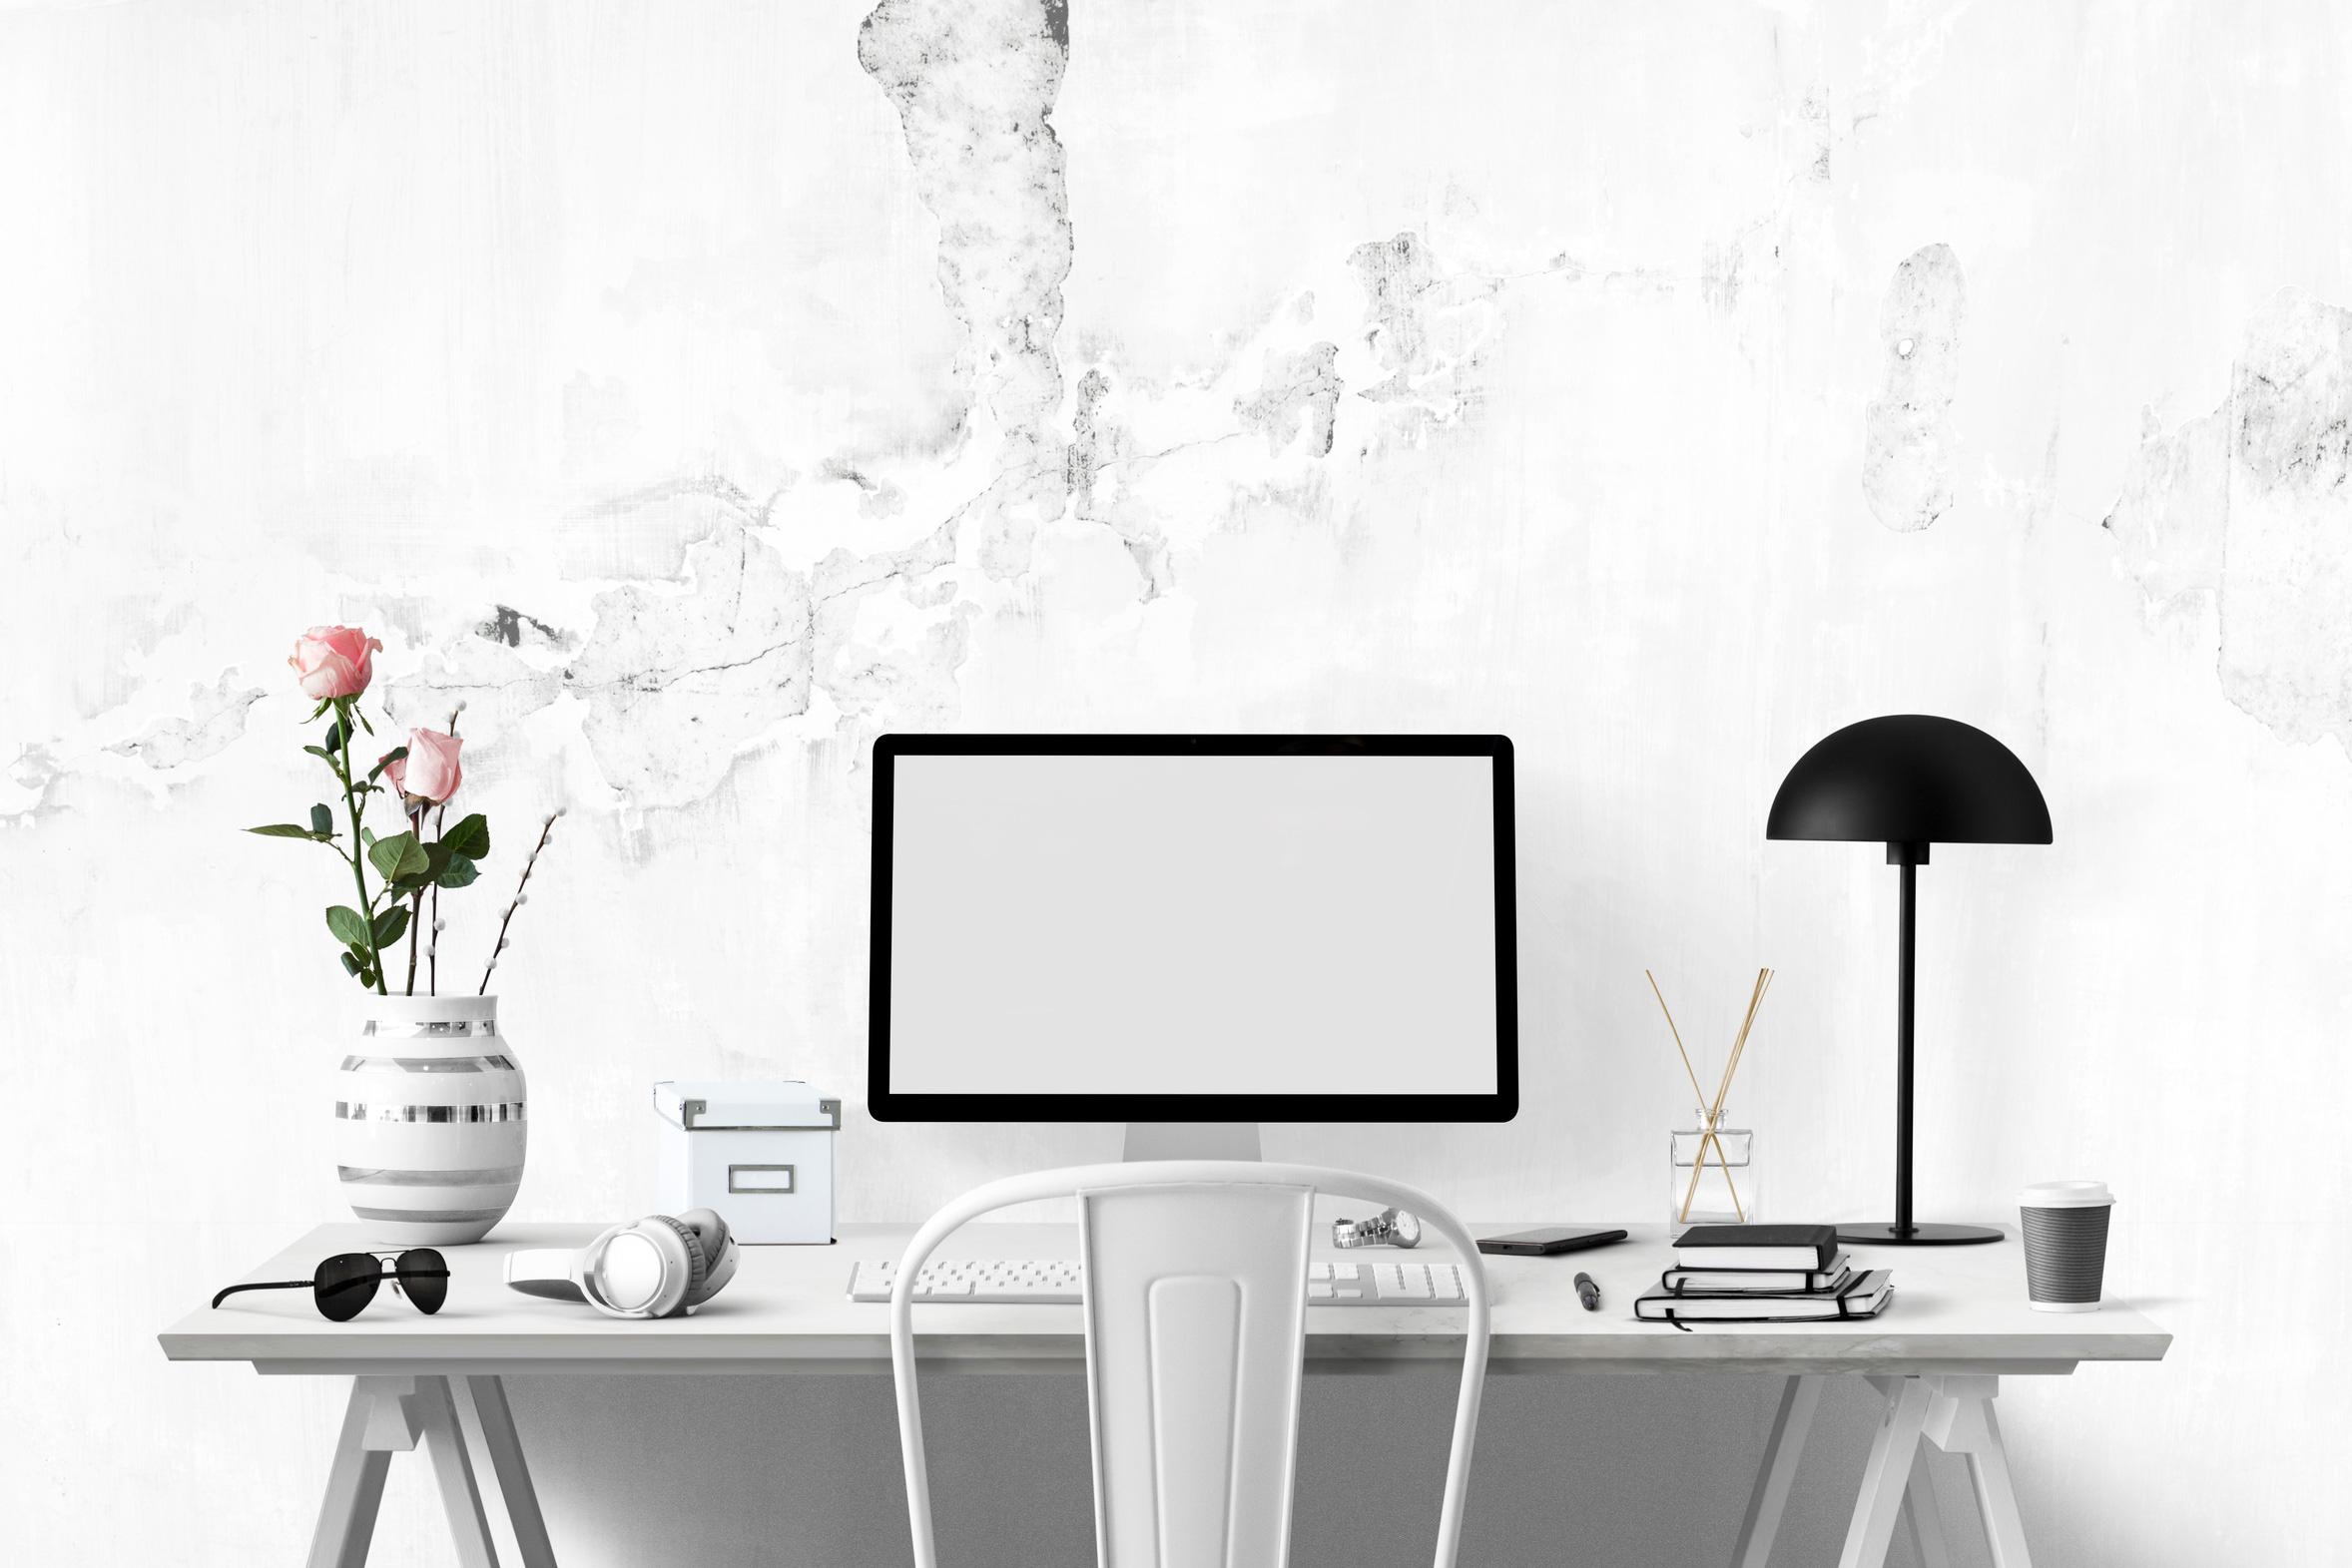 home office arbeitnehmer arbeitgeber, tätigkeitsstätte homeoffice: das müssen sie beim fahrtenbuch beachten, Design ideen